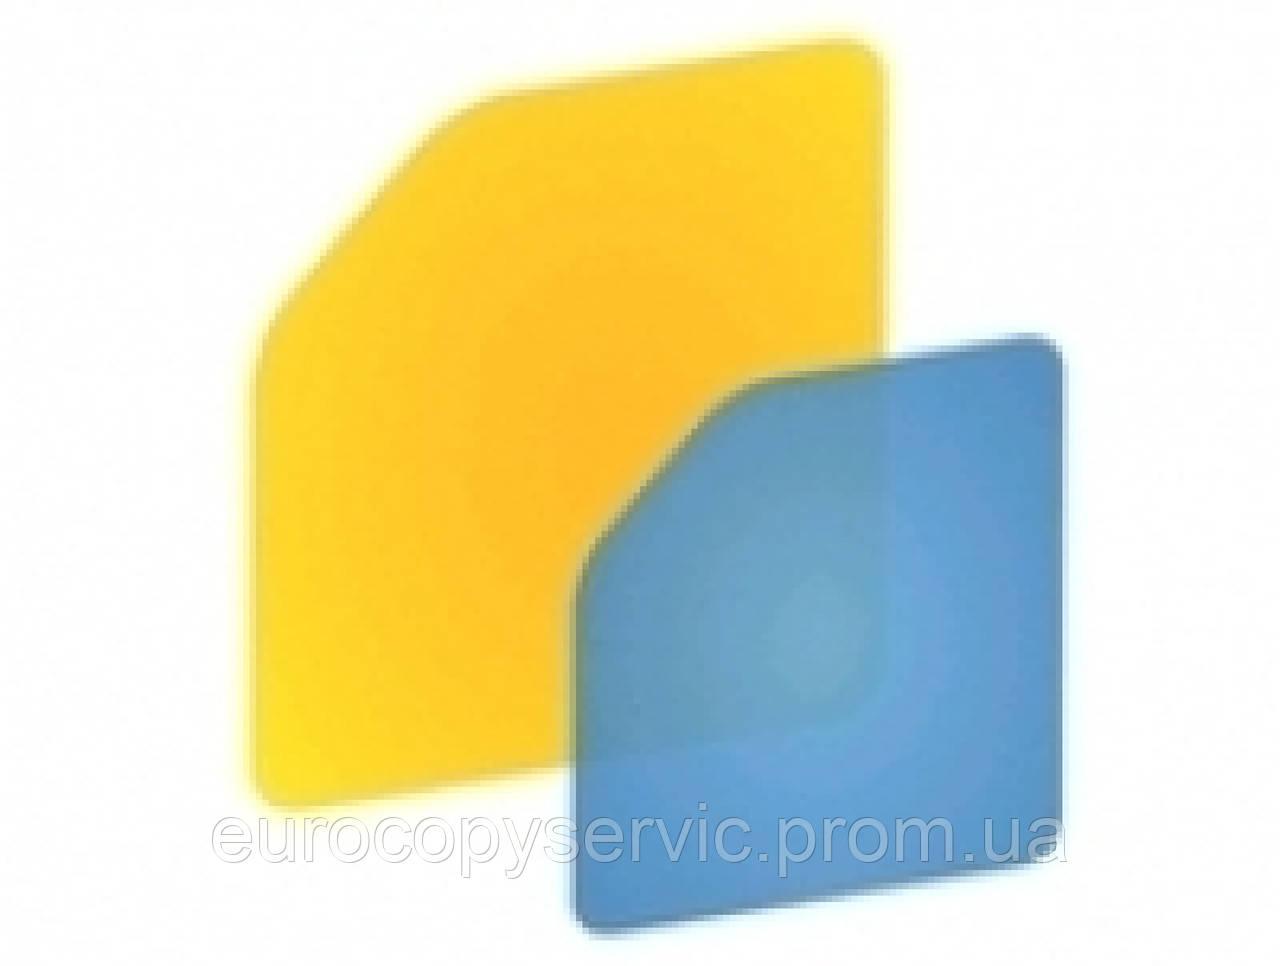 Тонер-картридж АНК для HP СLJ CP5220/CP5225 (1100171)